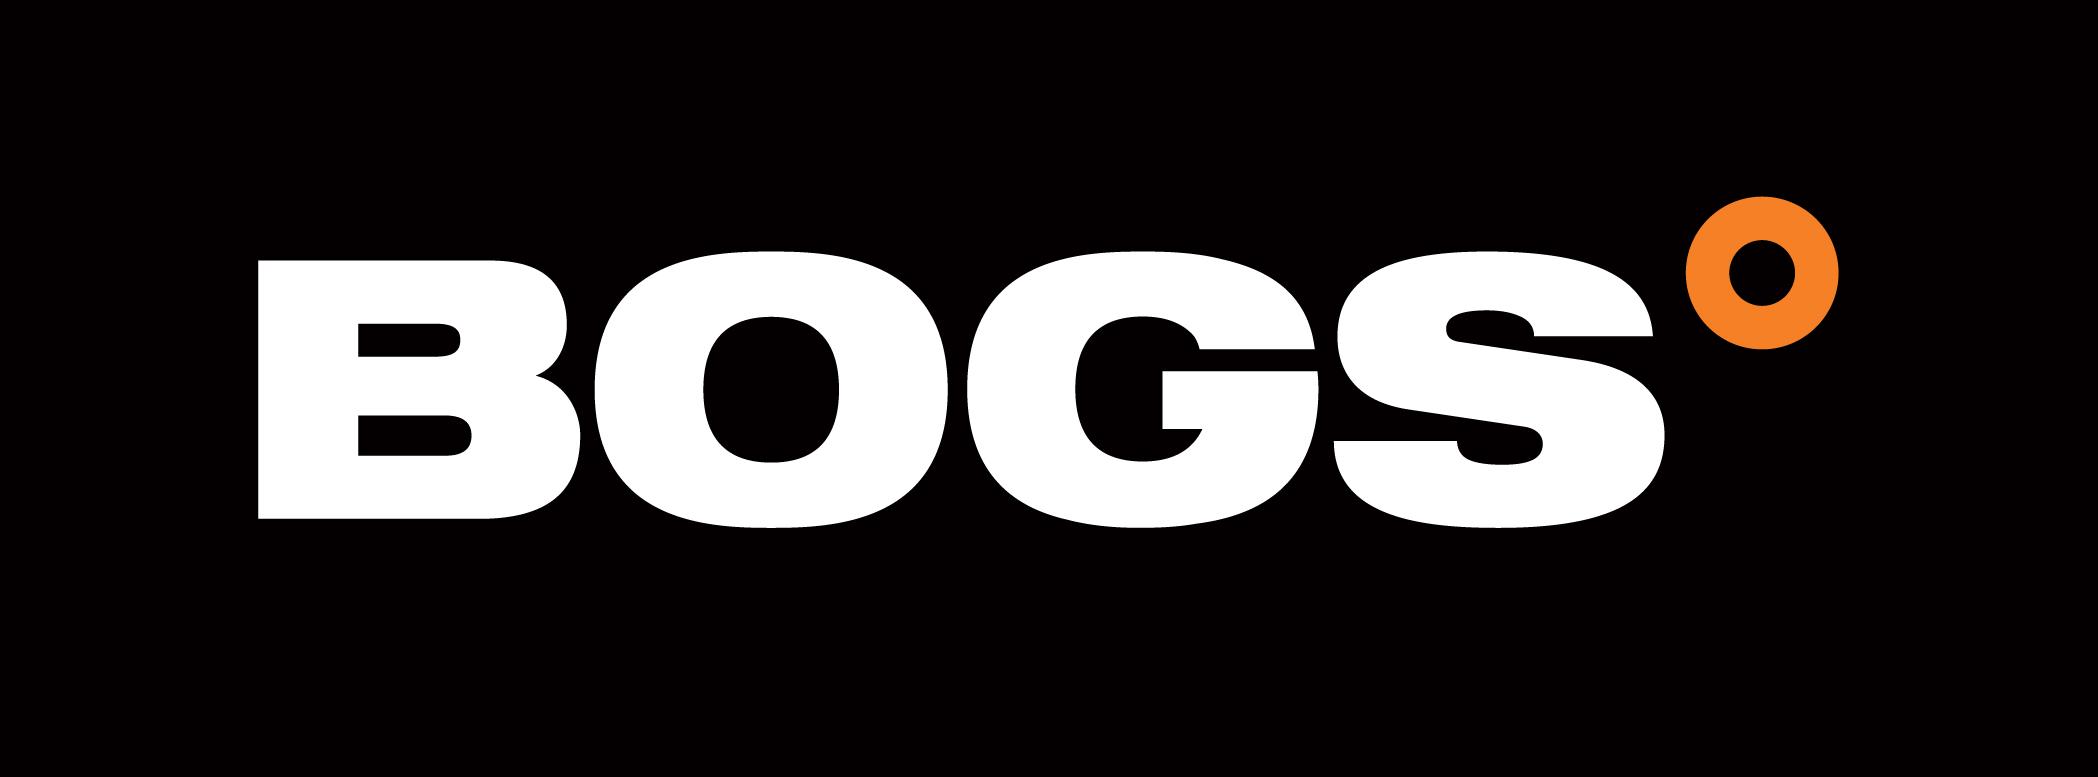 Bogs-logoBOX-KO.jpg